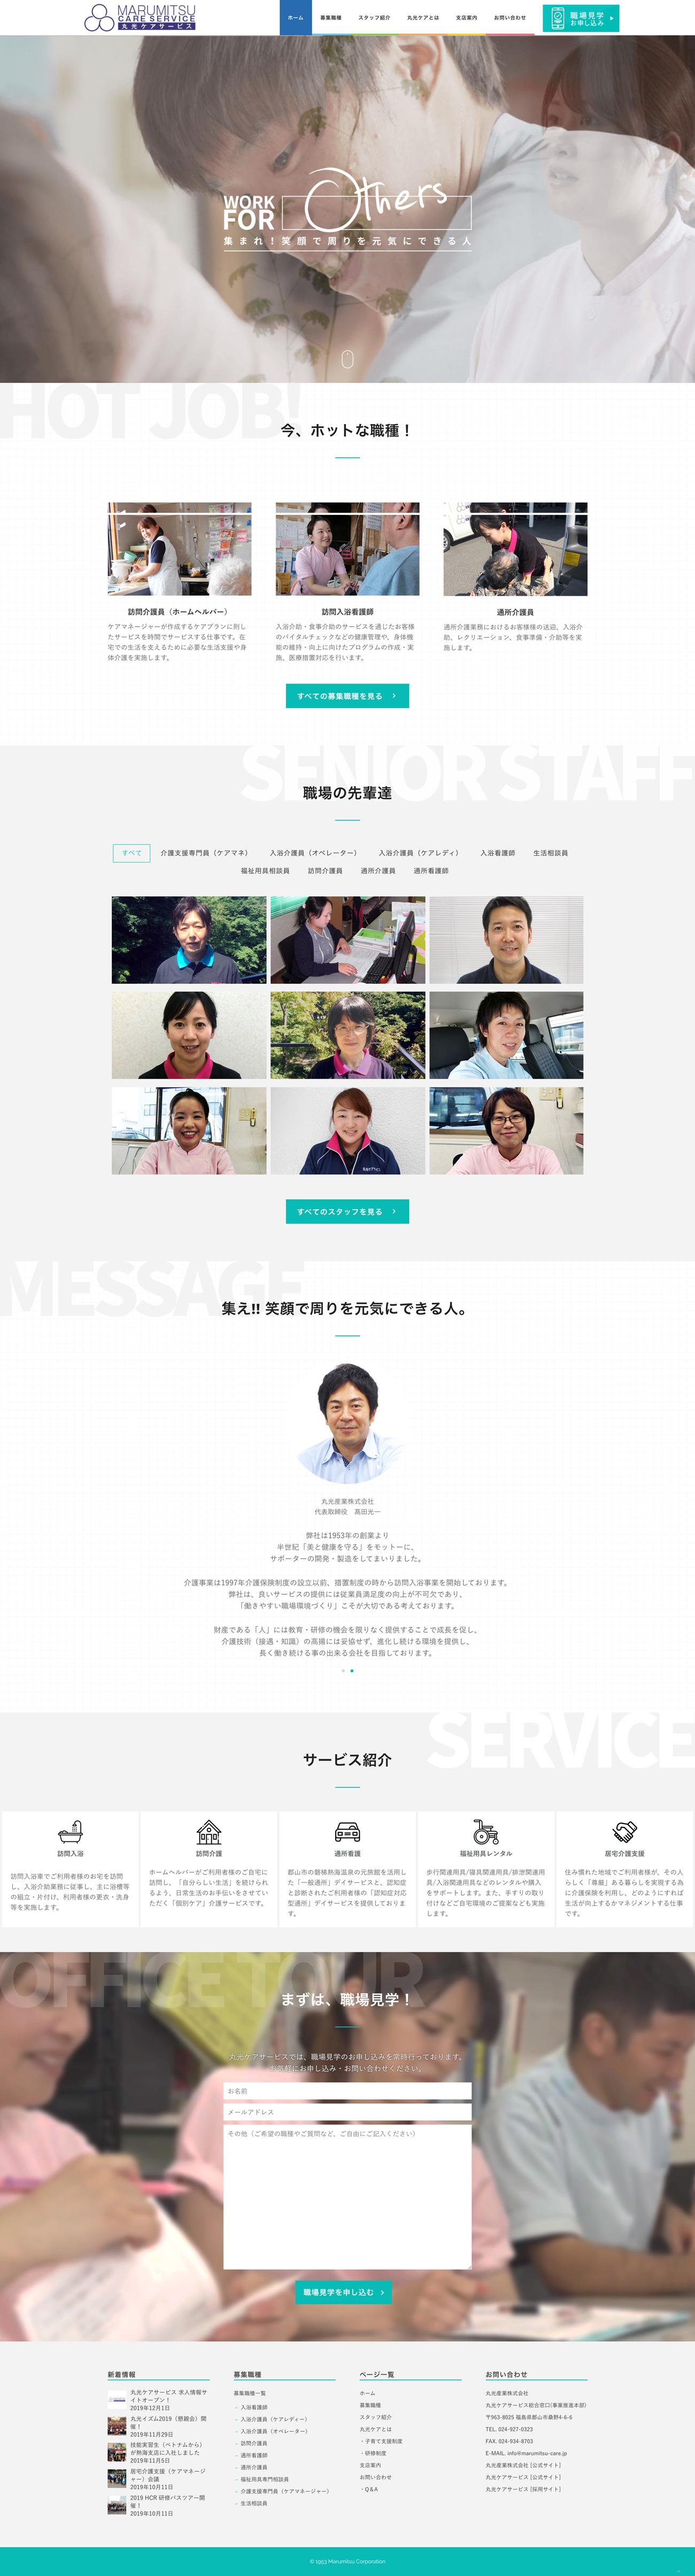 丸光ケア 求人情報サイト